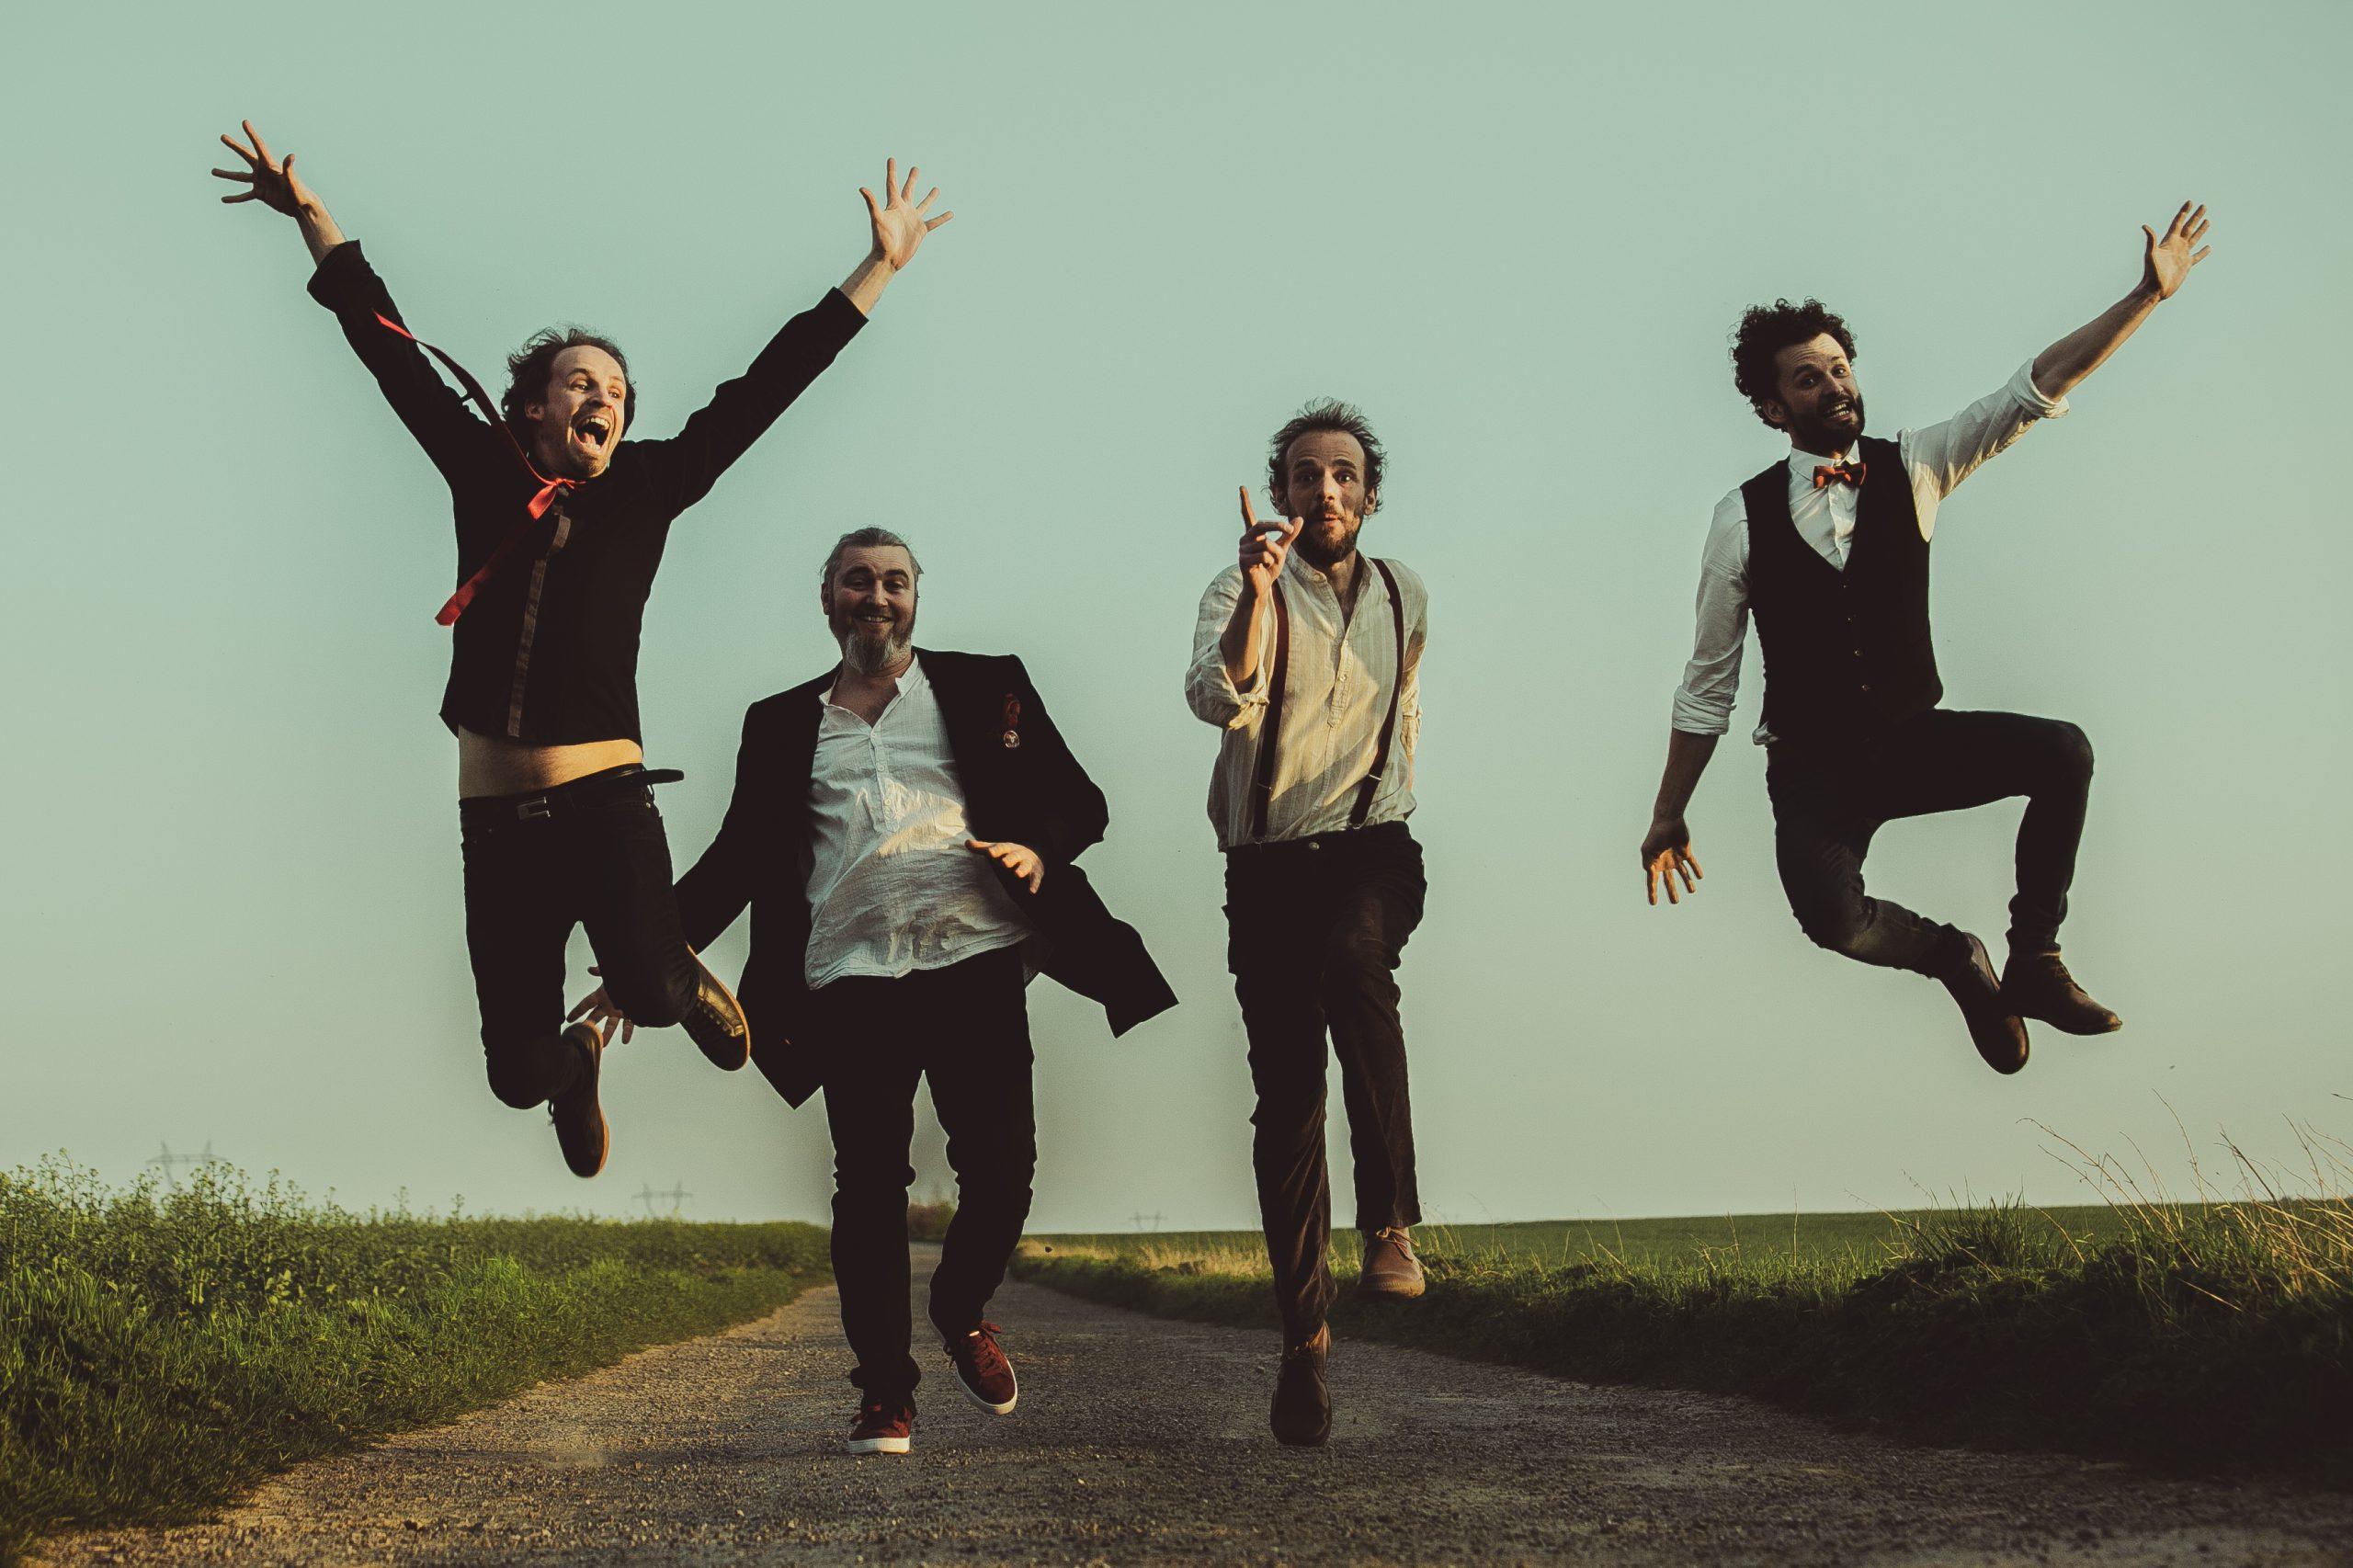 La Goulue a sorti un premier album empreint de légèreté et de liberté